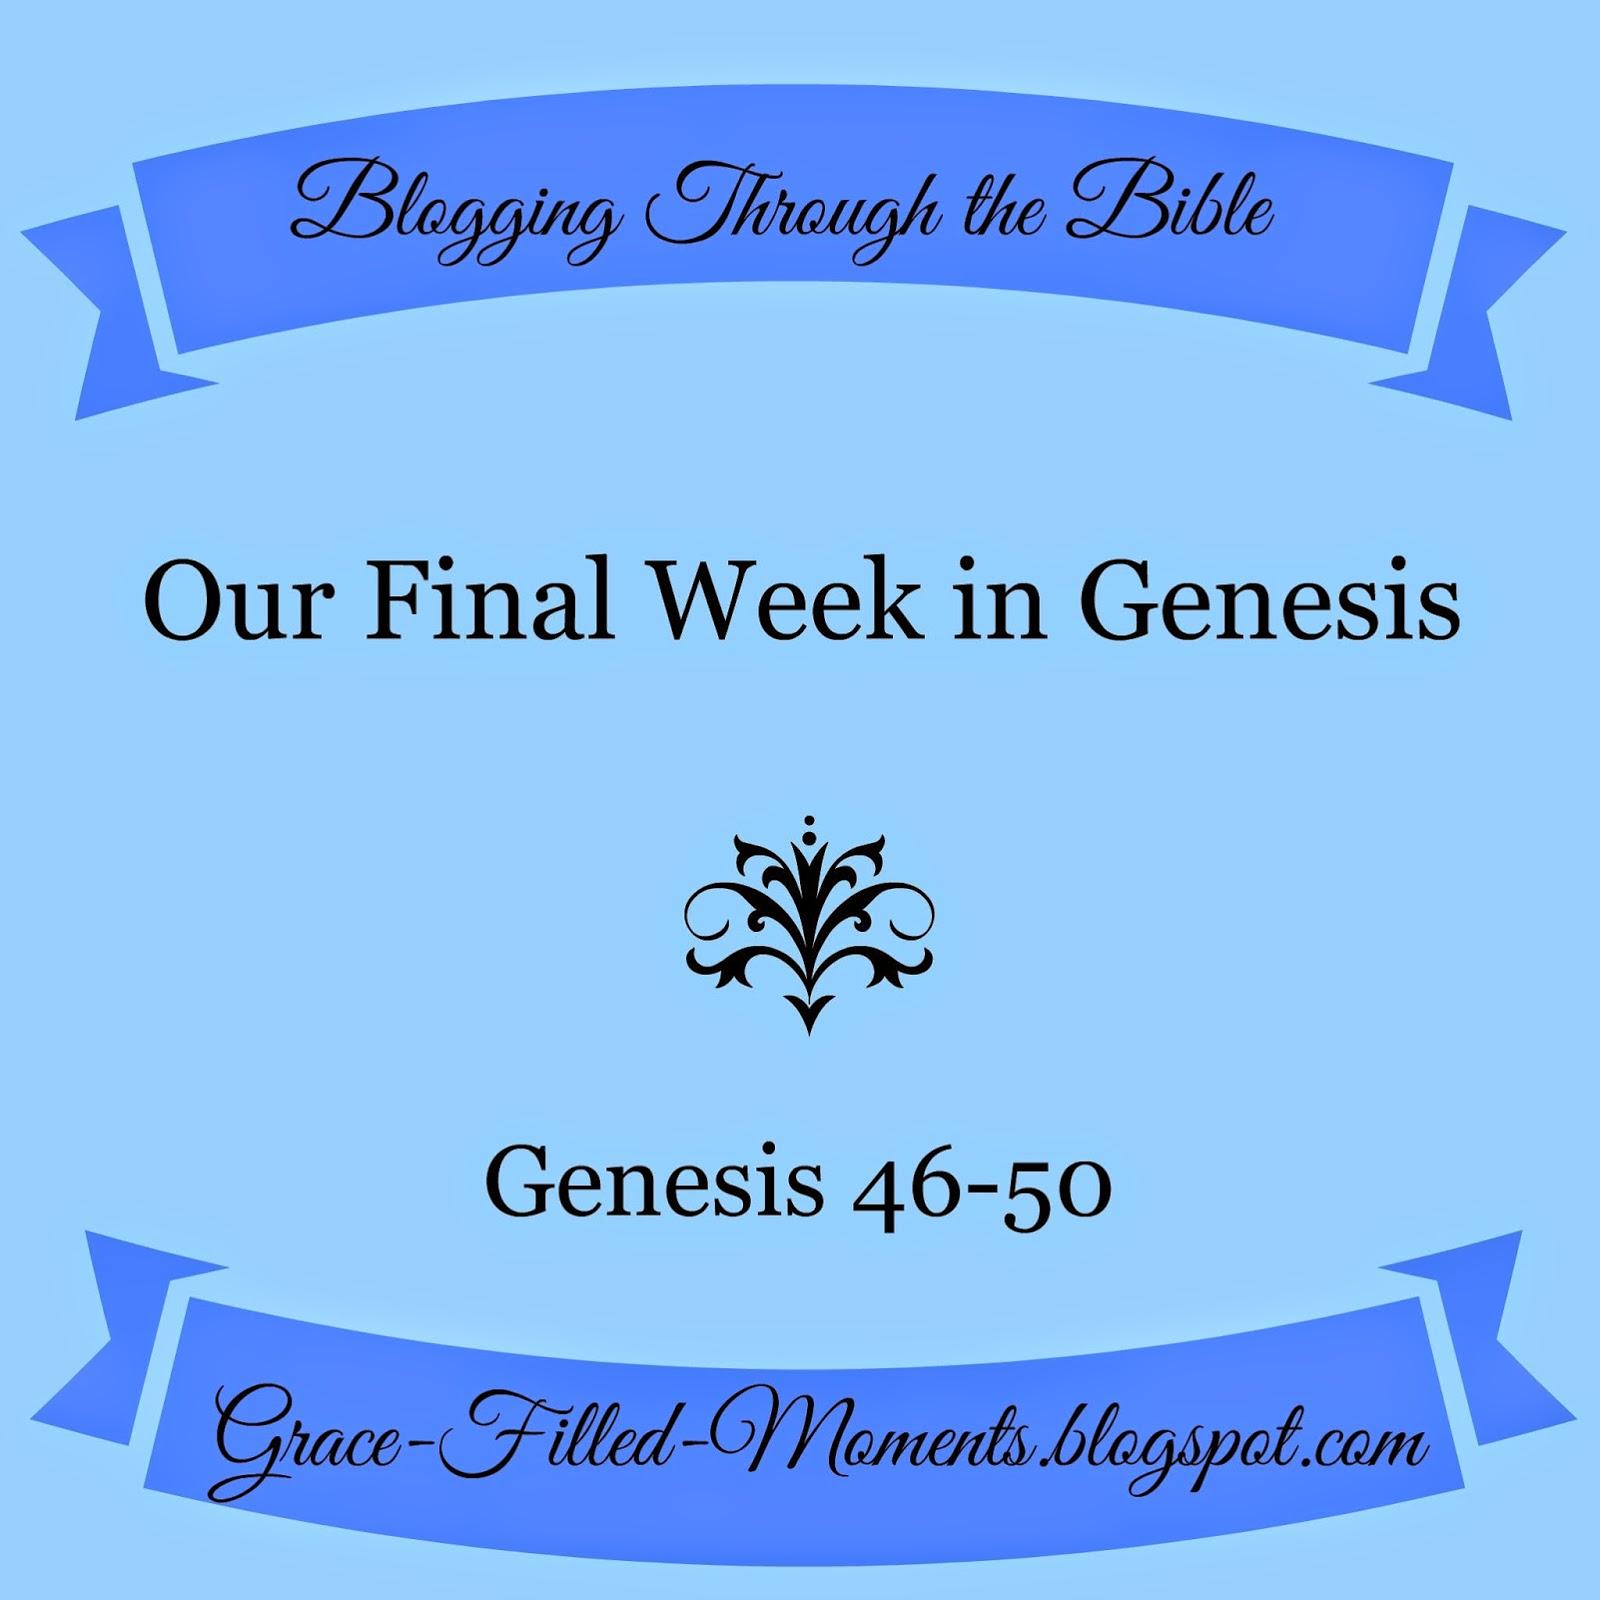 Genesis 46-50